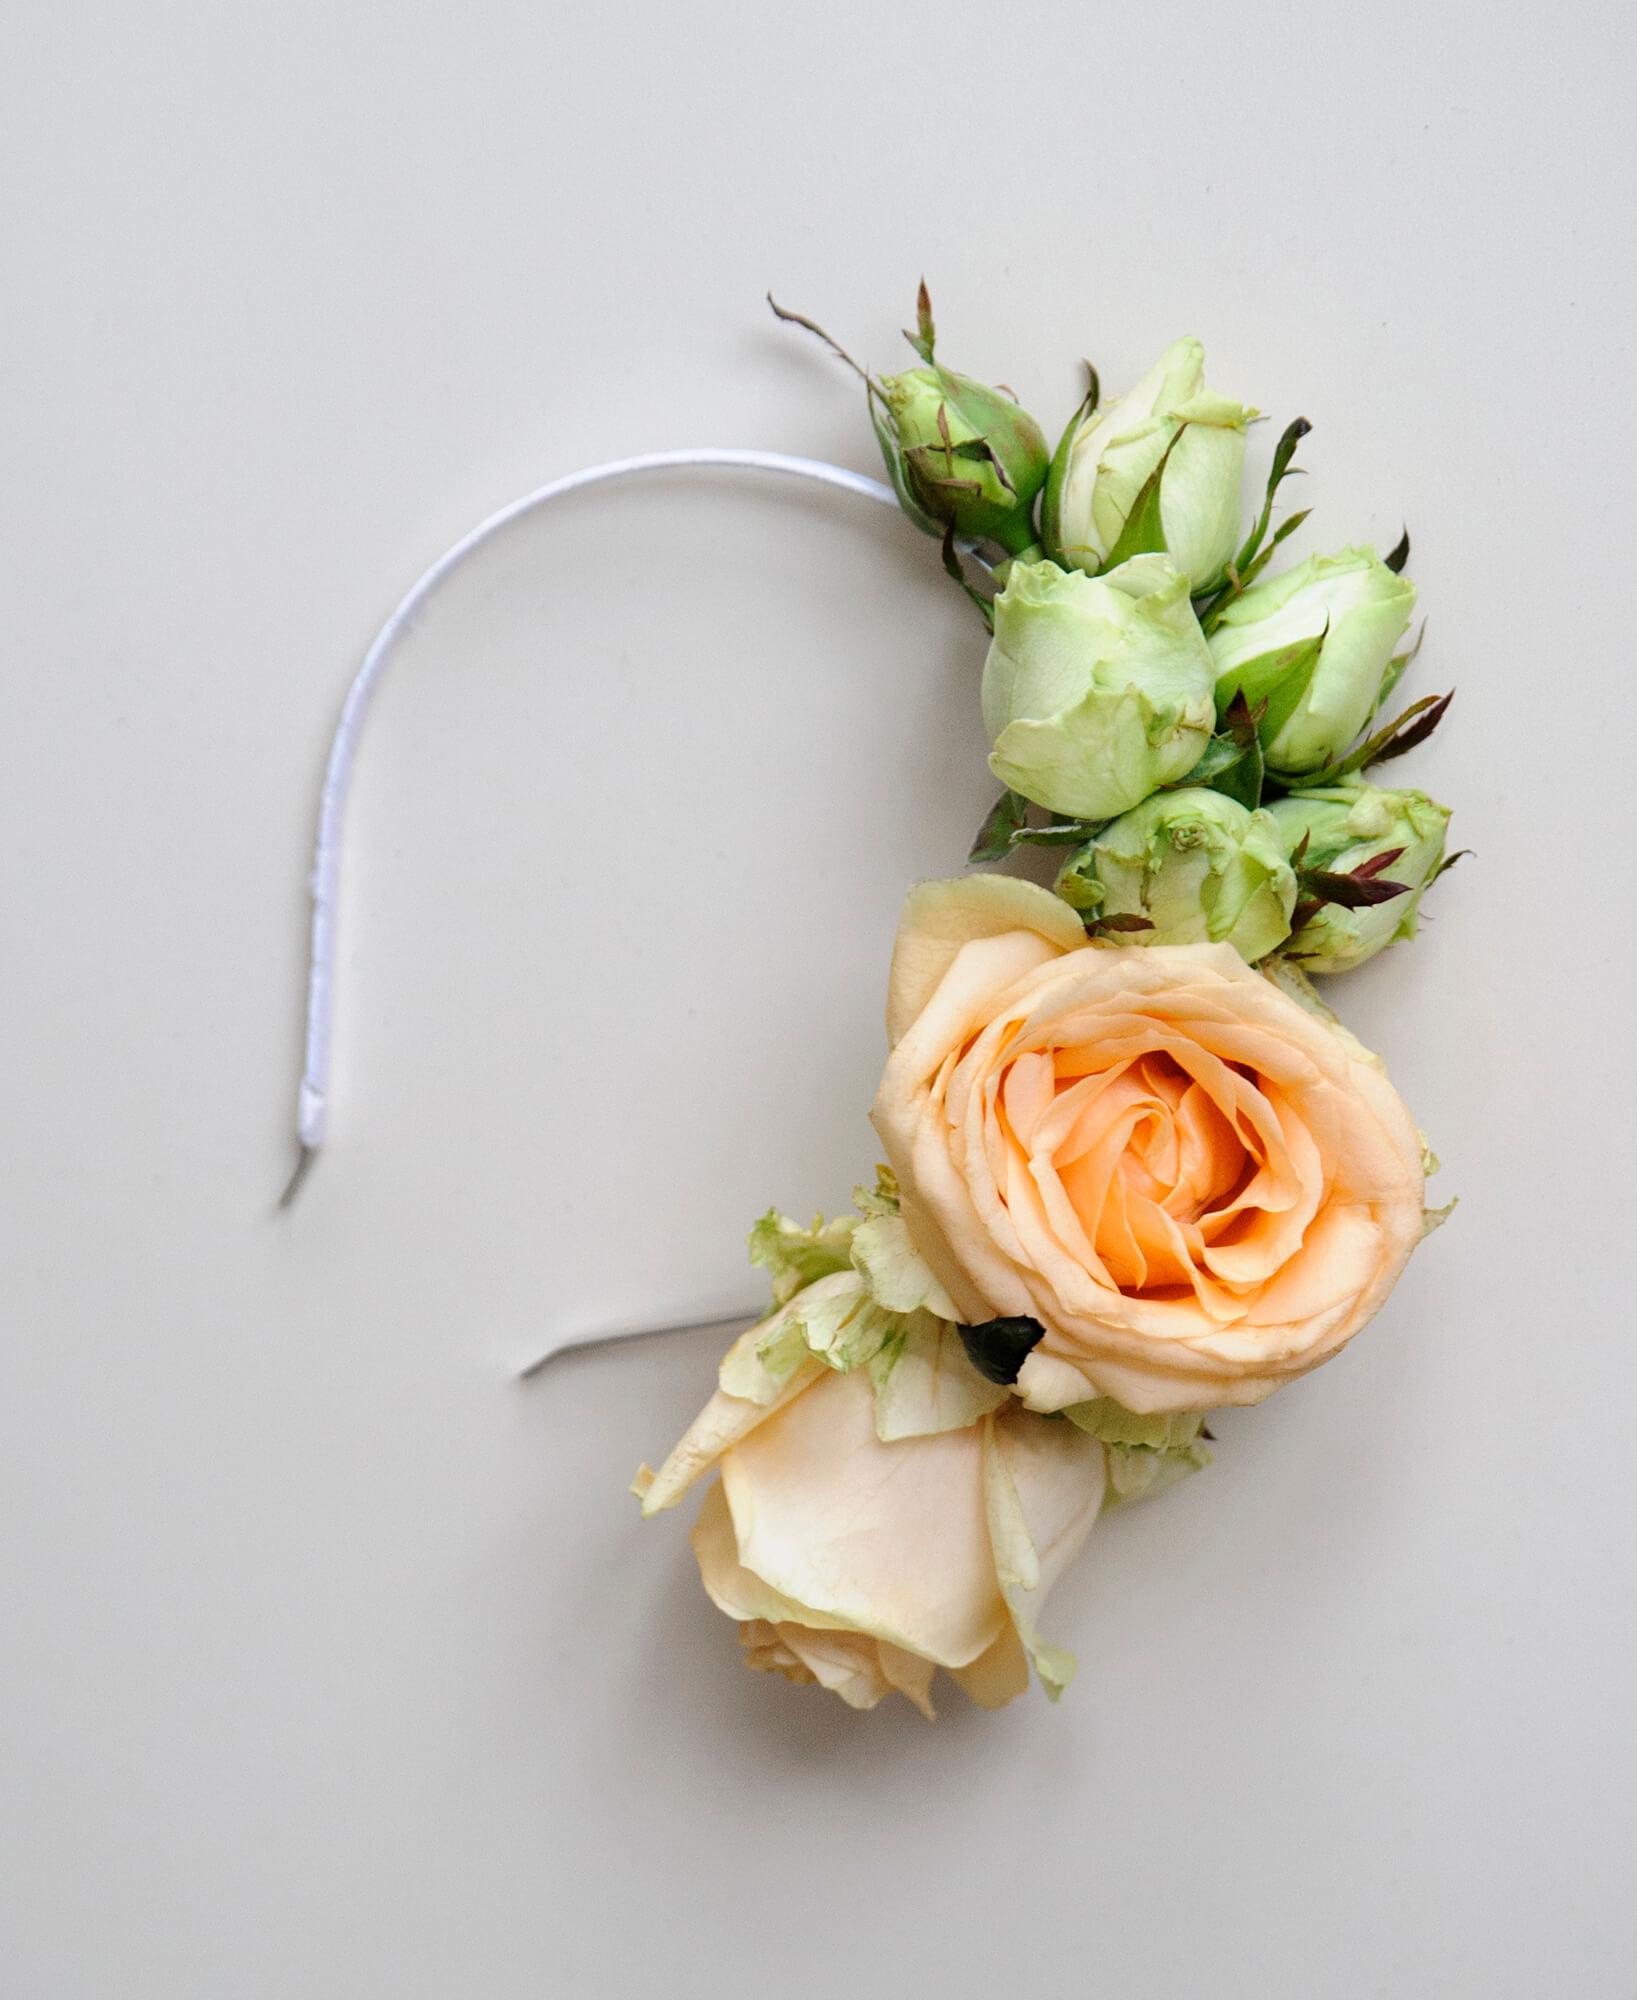 обруч невесты их живых персиковых и белых роз